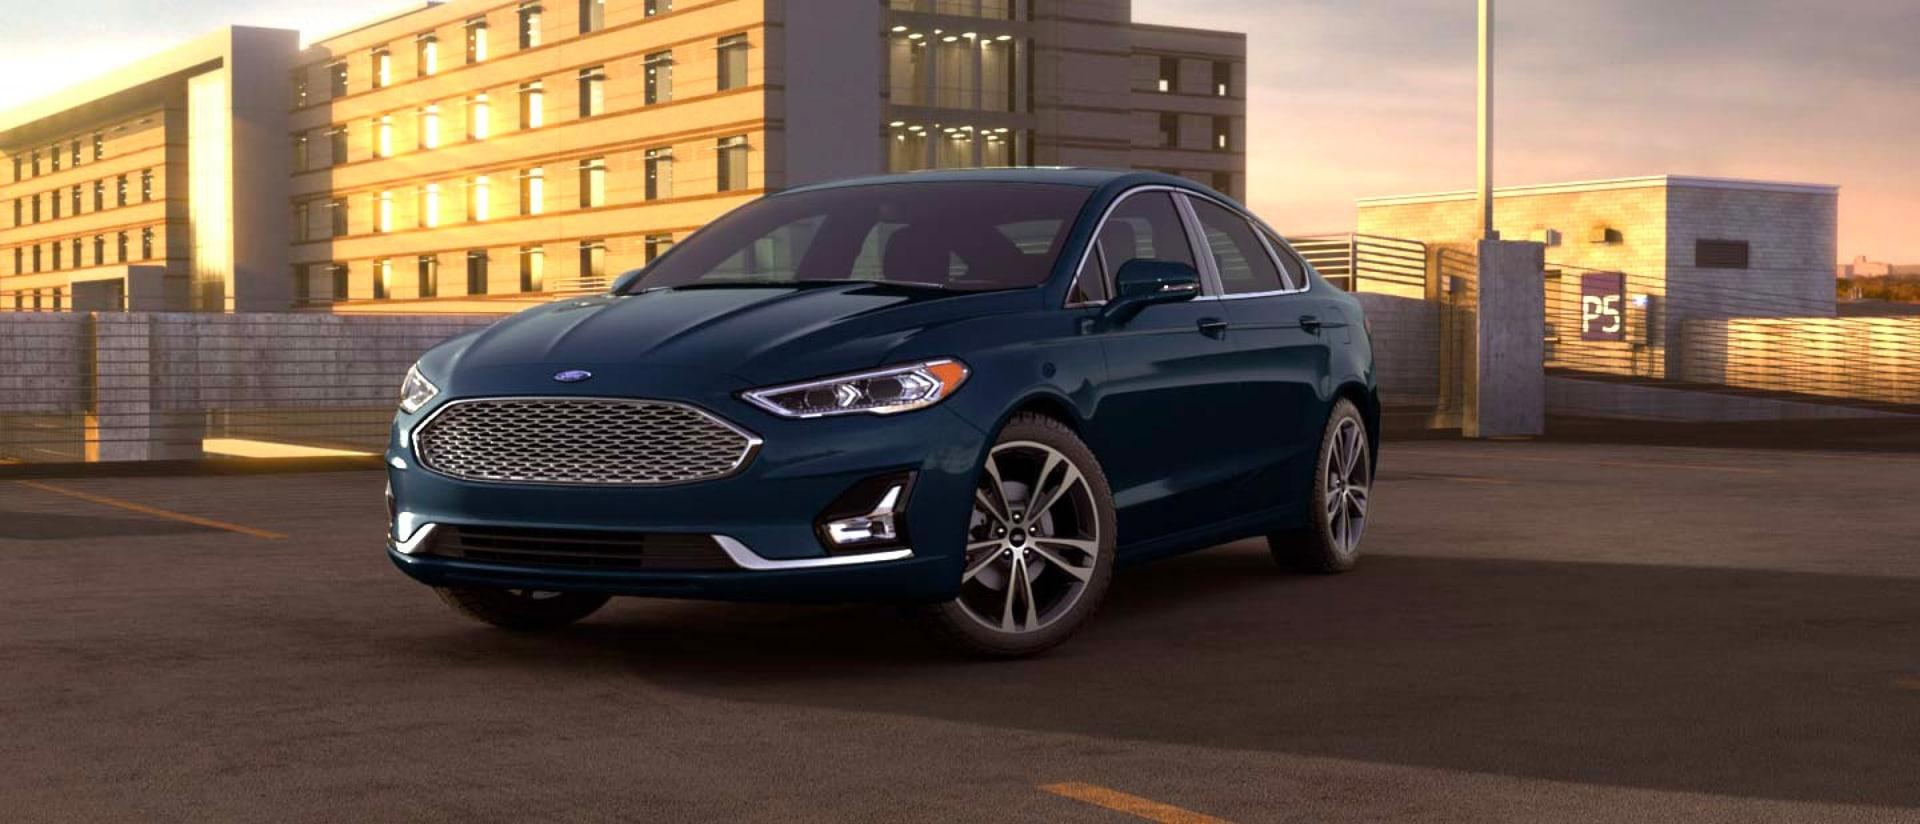 2020 Ford Fusion in Alto Blue